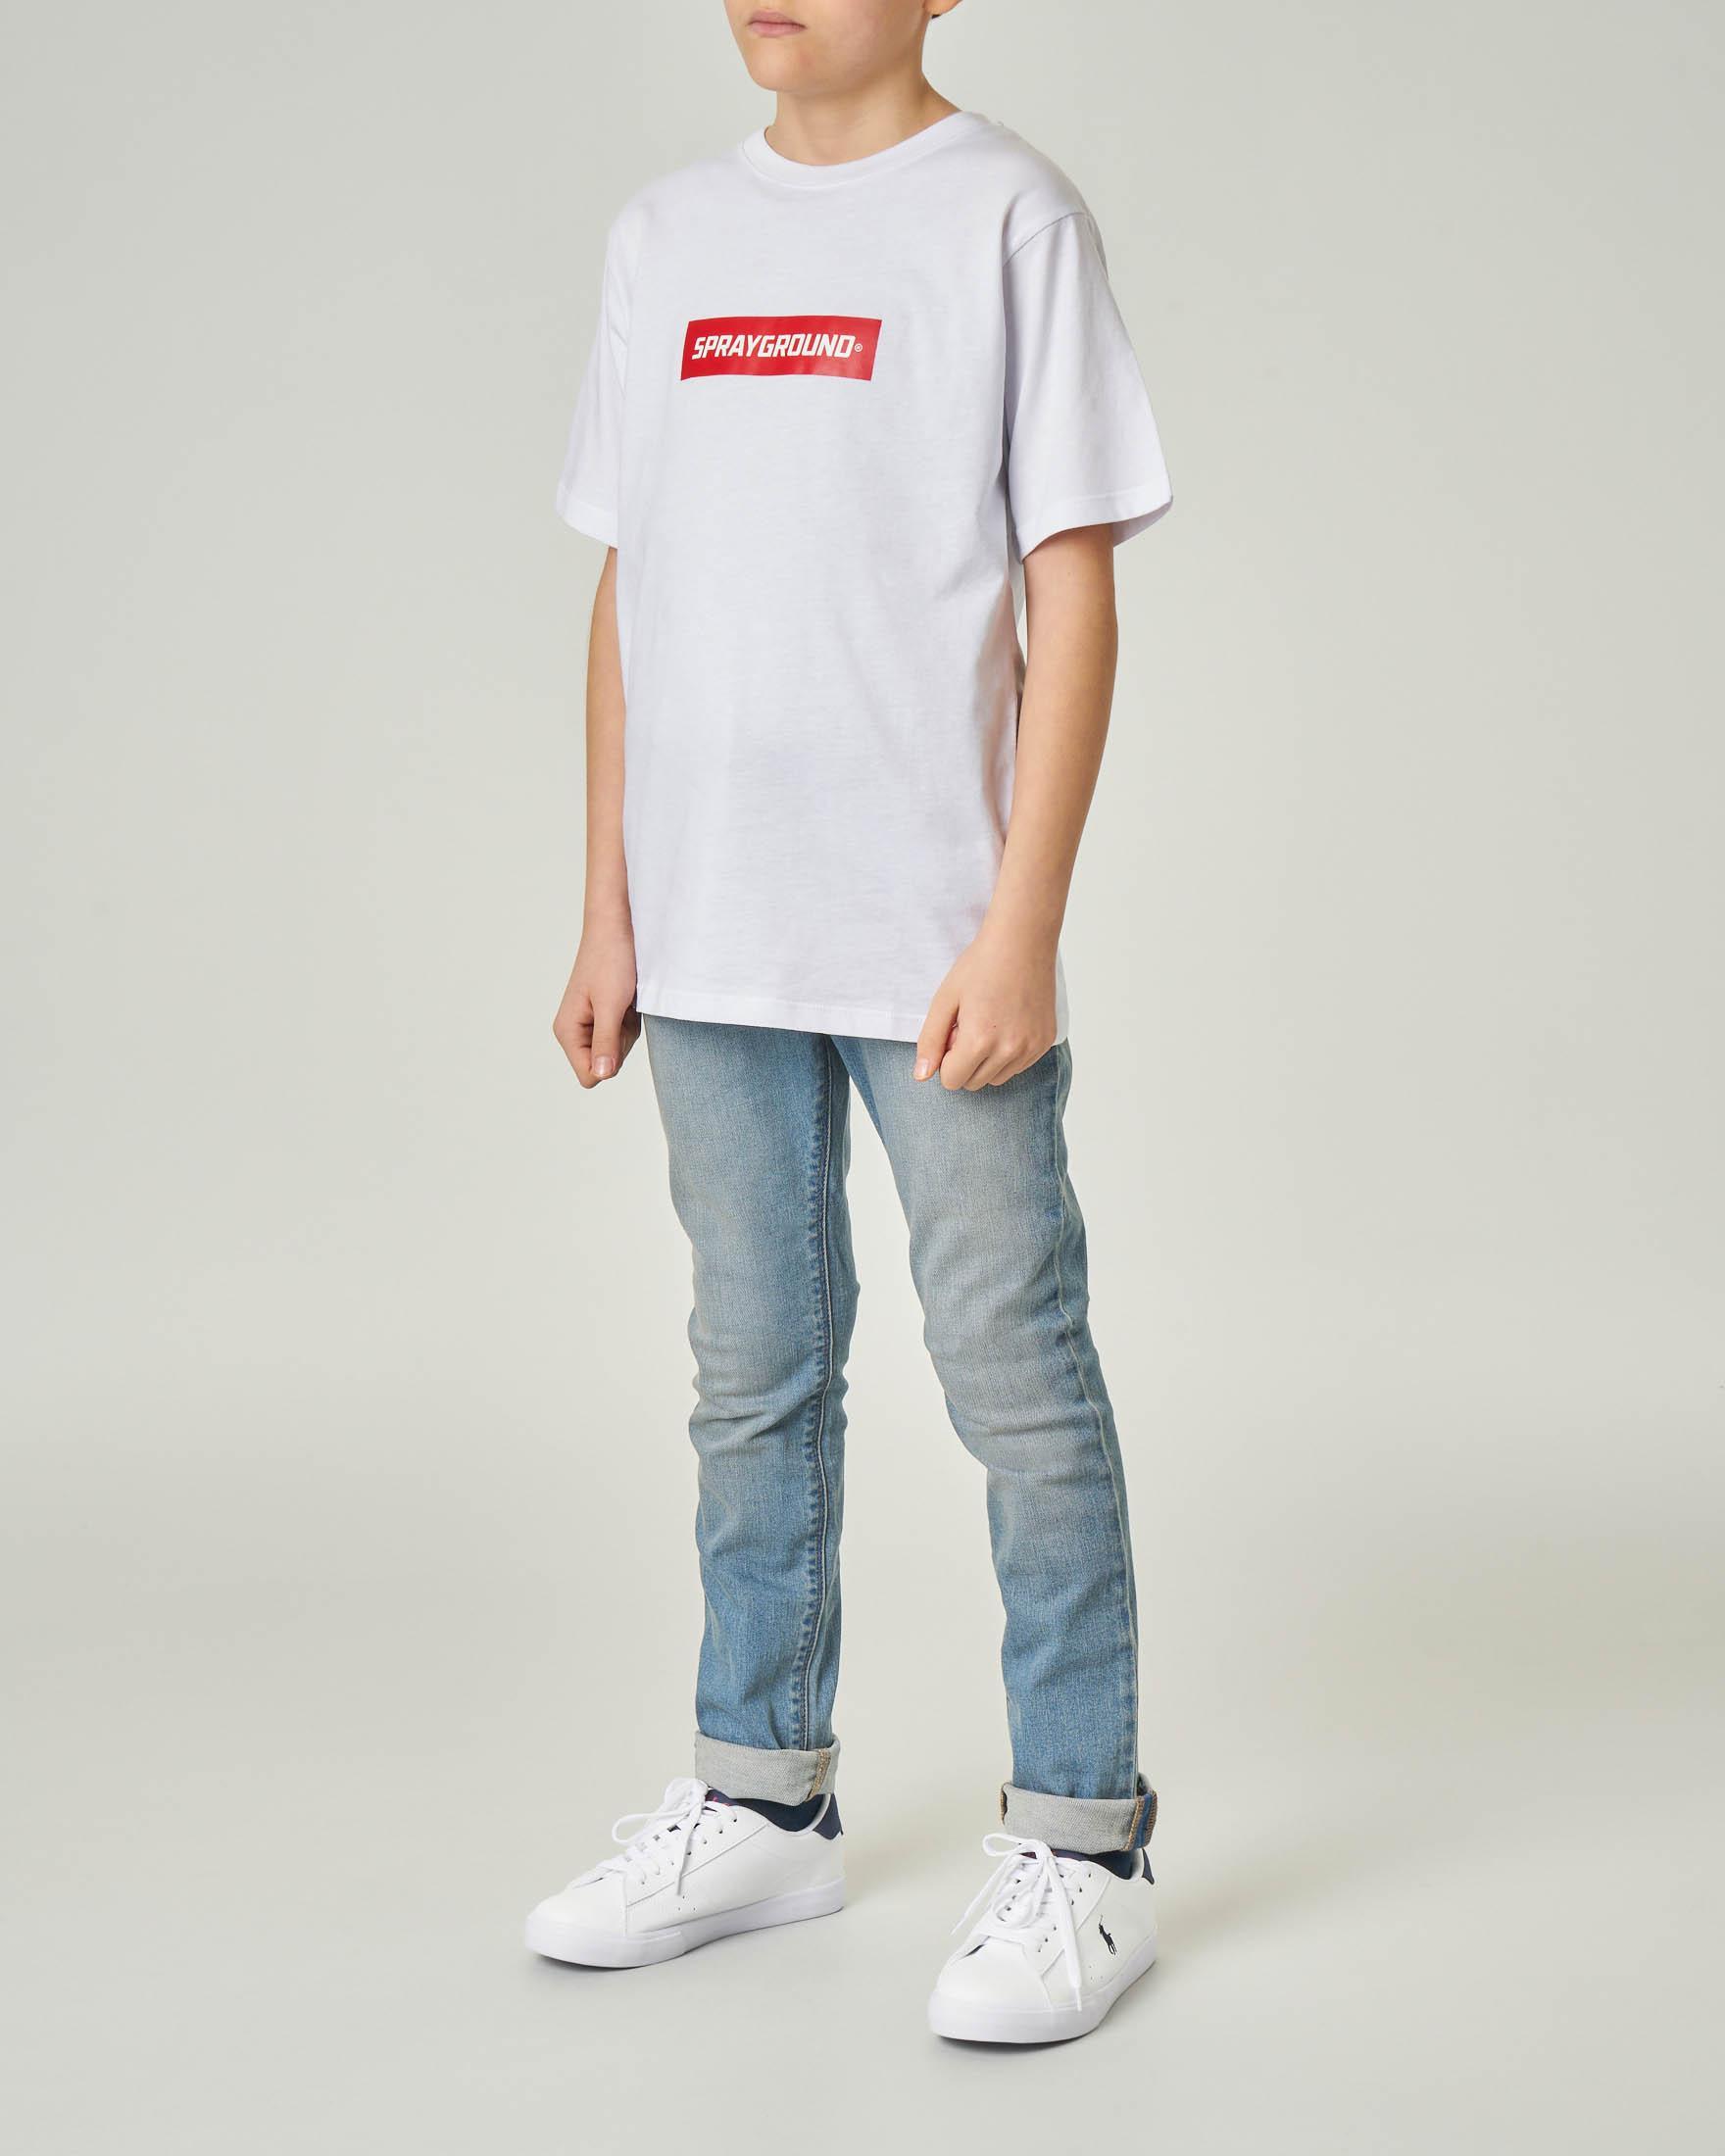 T-shirt bianca mezza manica con logo e grafica monster sul retro 10-14 anni